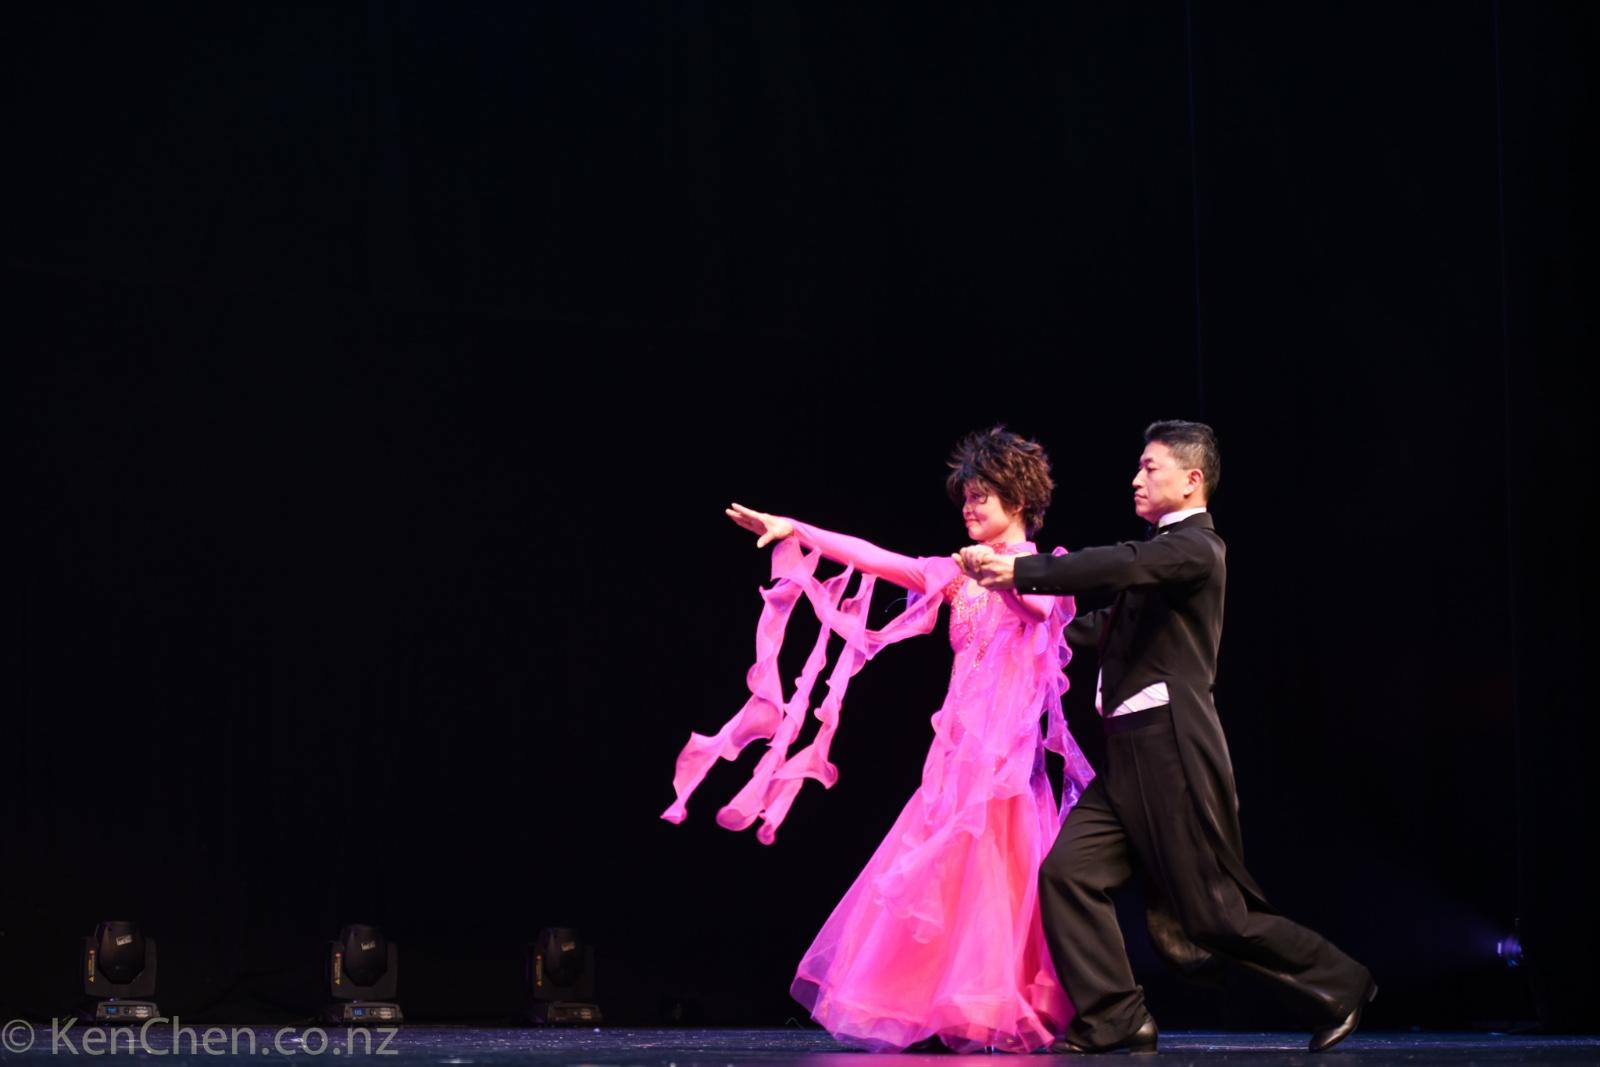 第四届2019新西兰多元化专业舞蹈交流晚会_kenchen.co.nz_9413.jpg